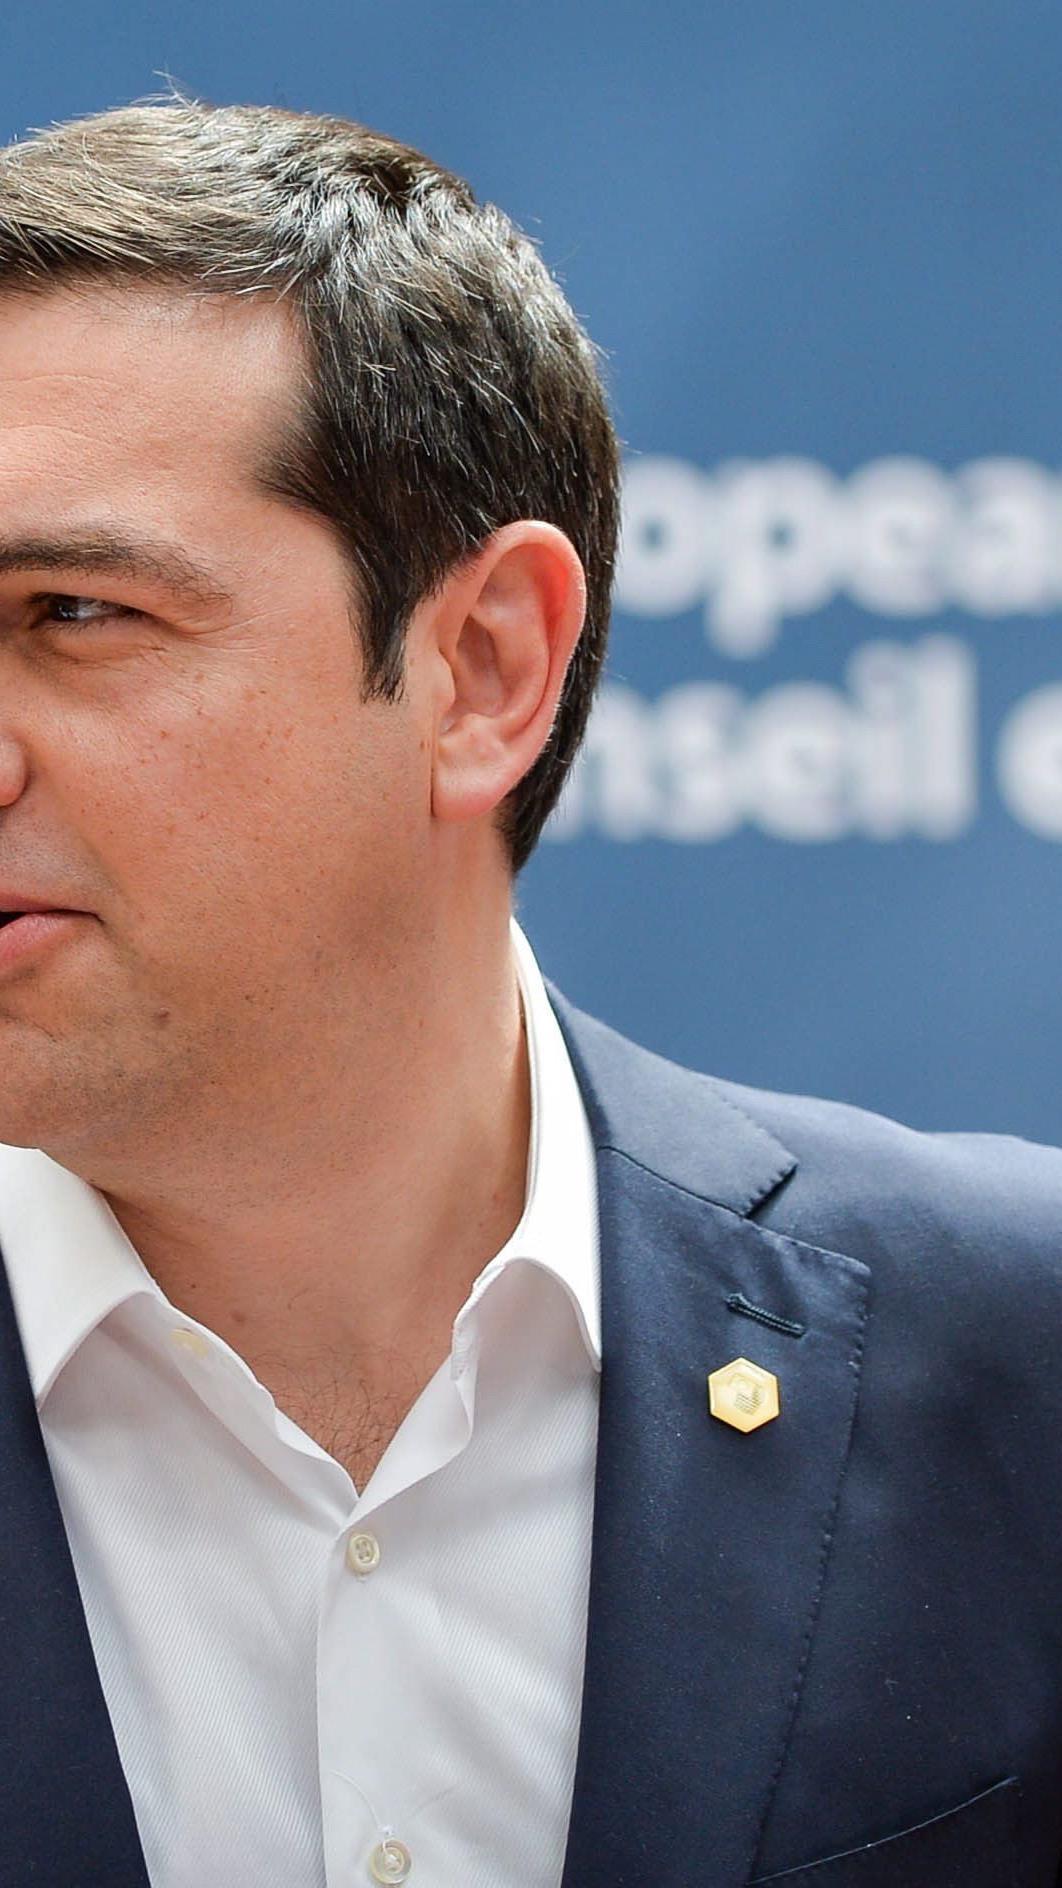 Eurogruppe ohne Lösung beendet - EU-Gipfel begonnen.